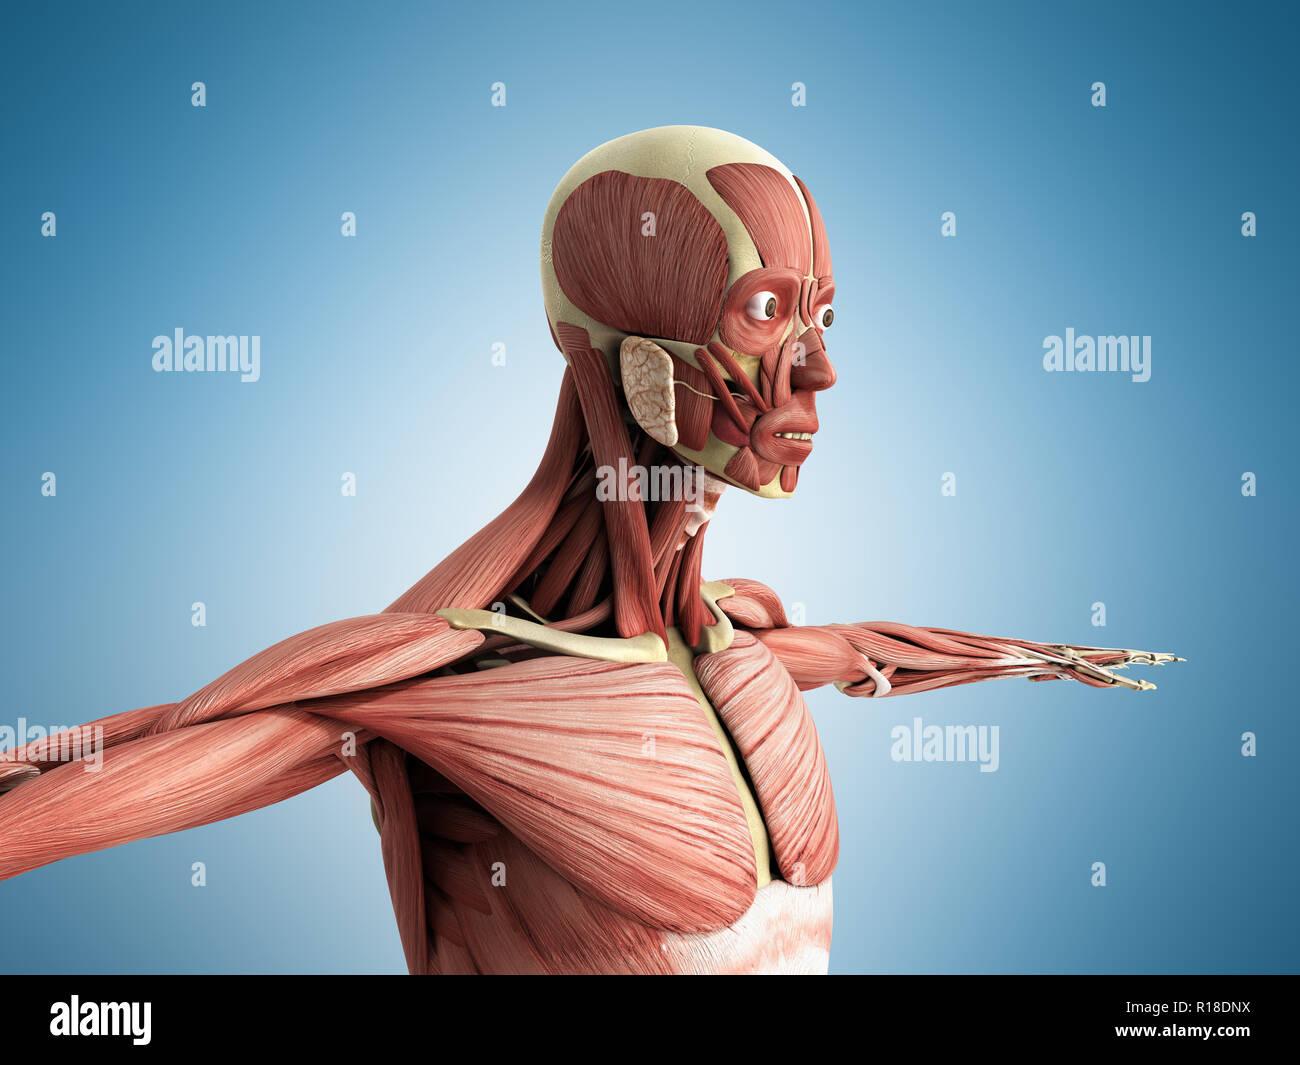 Anatomie du muscle humain 3D render sur bleu Photo Stock